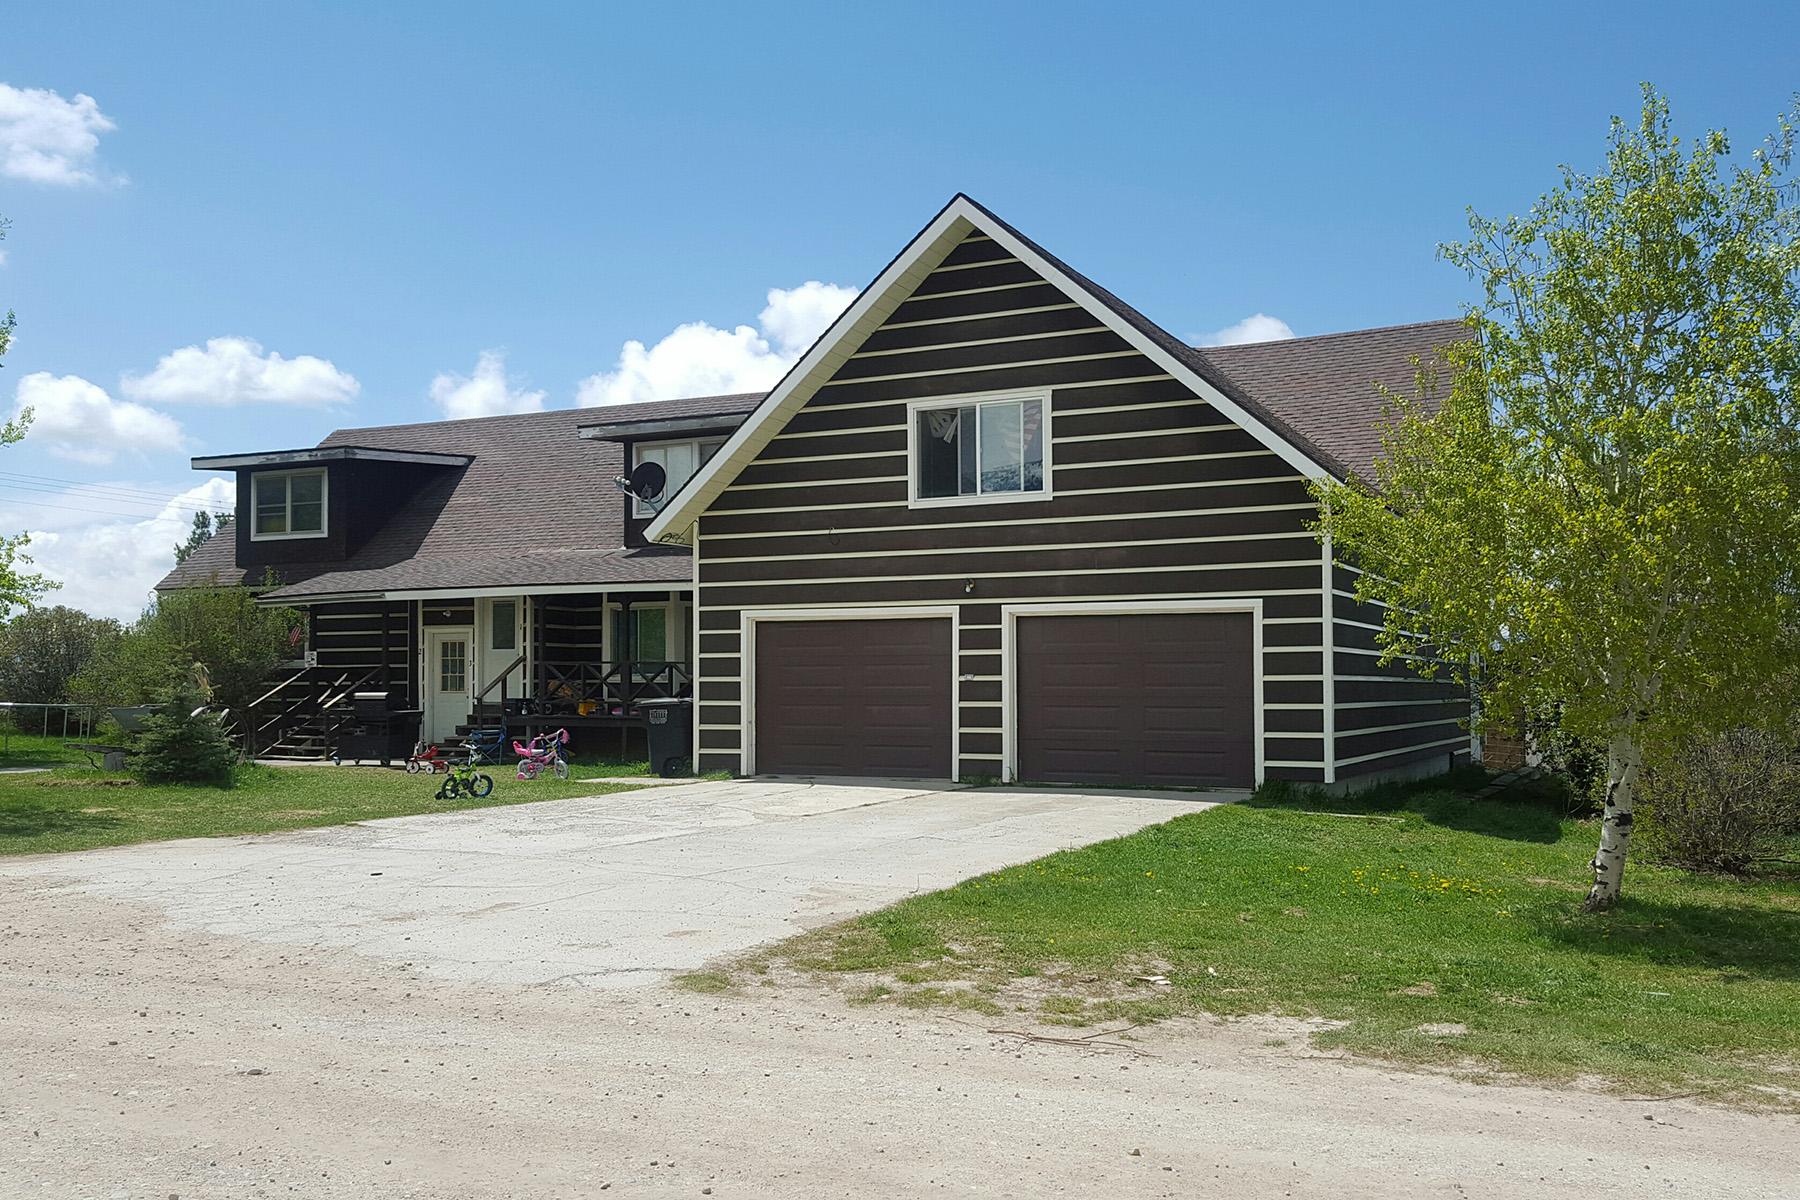 多户住宅 为 销售 在 Western 4 Plex on 3 Acres 1970 South 1500 East 德里格斯, 爱达荷州, 83422 Jackson Hole, 美国